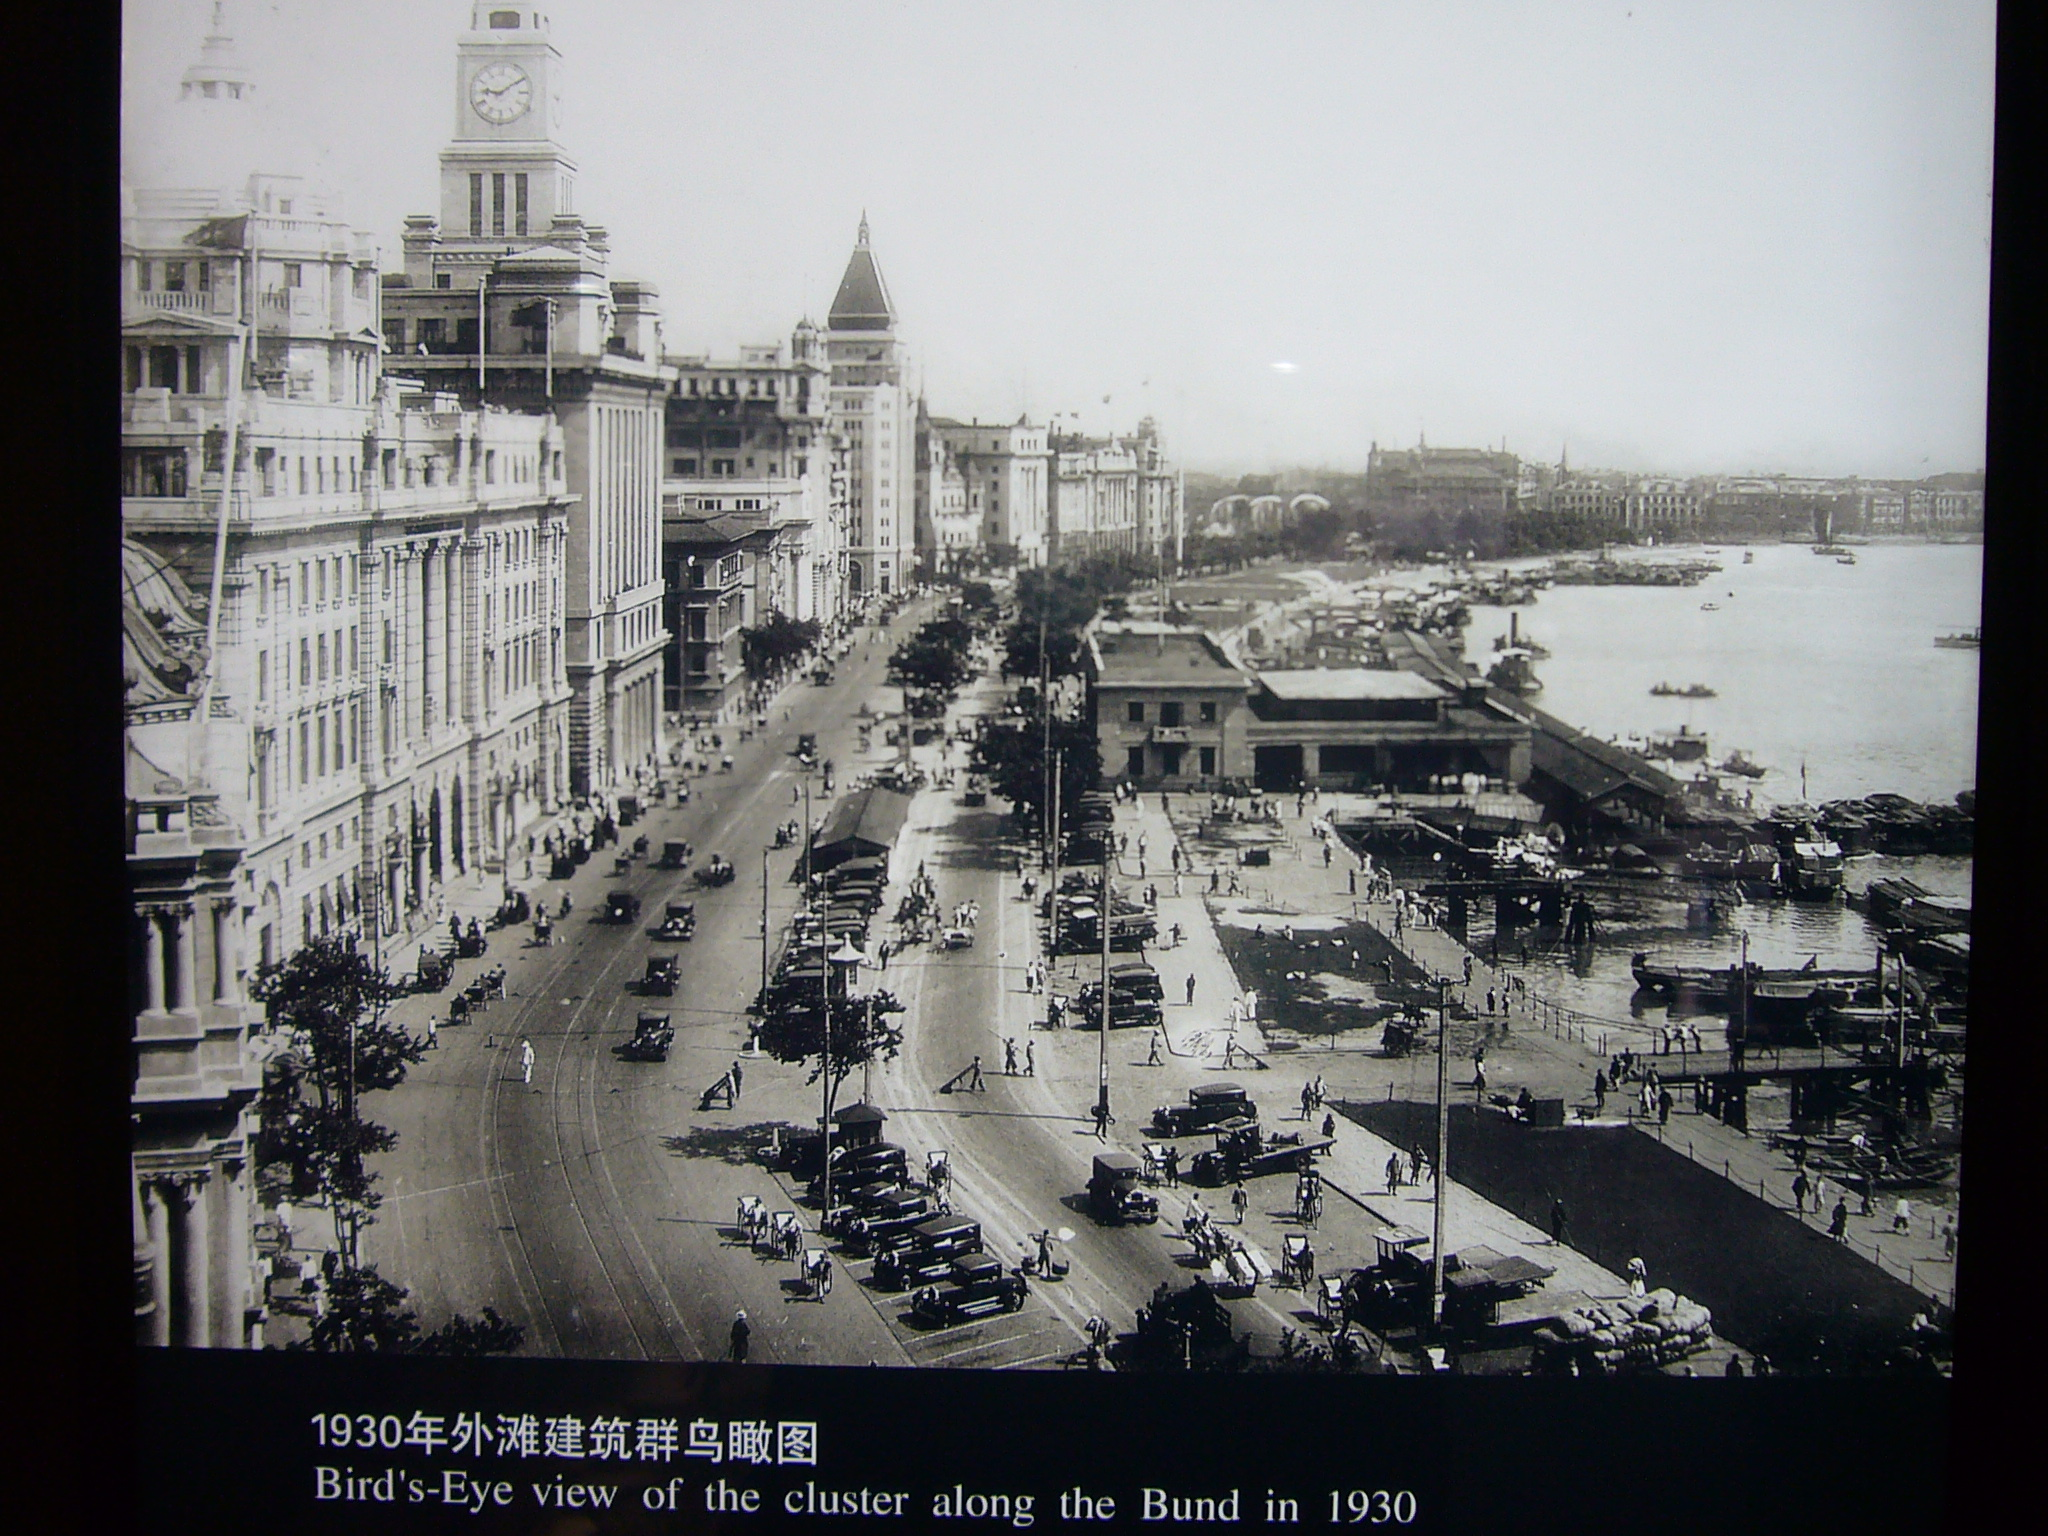 1930s Shanghai Bund